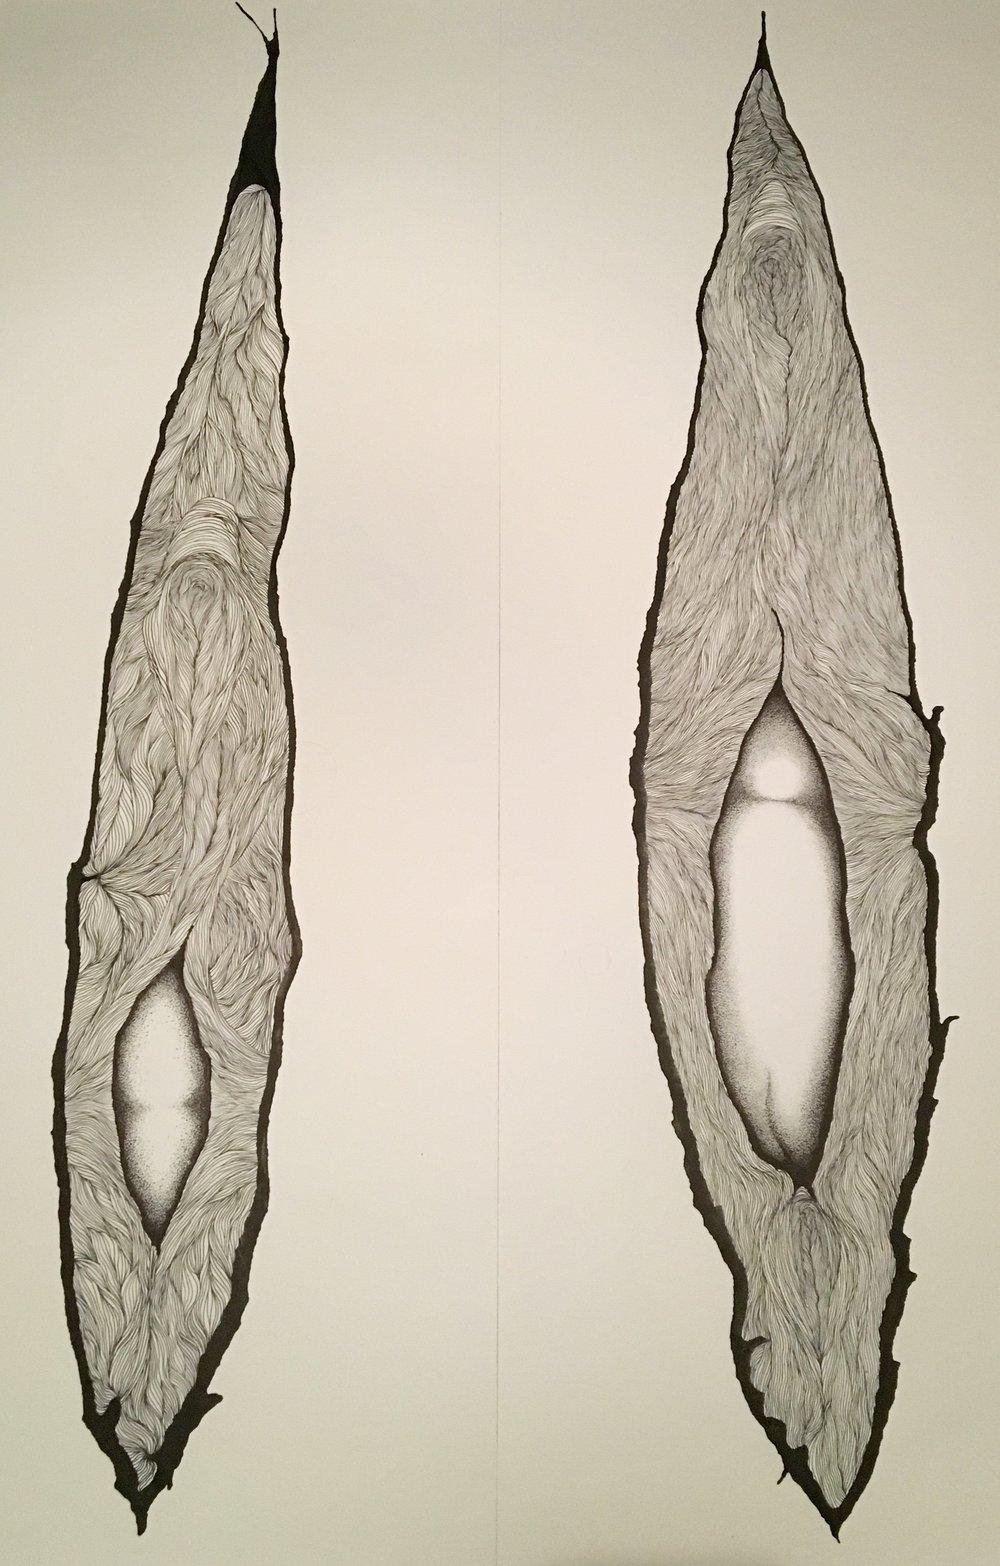 Figure 1 and Figure 2.jpg